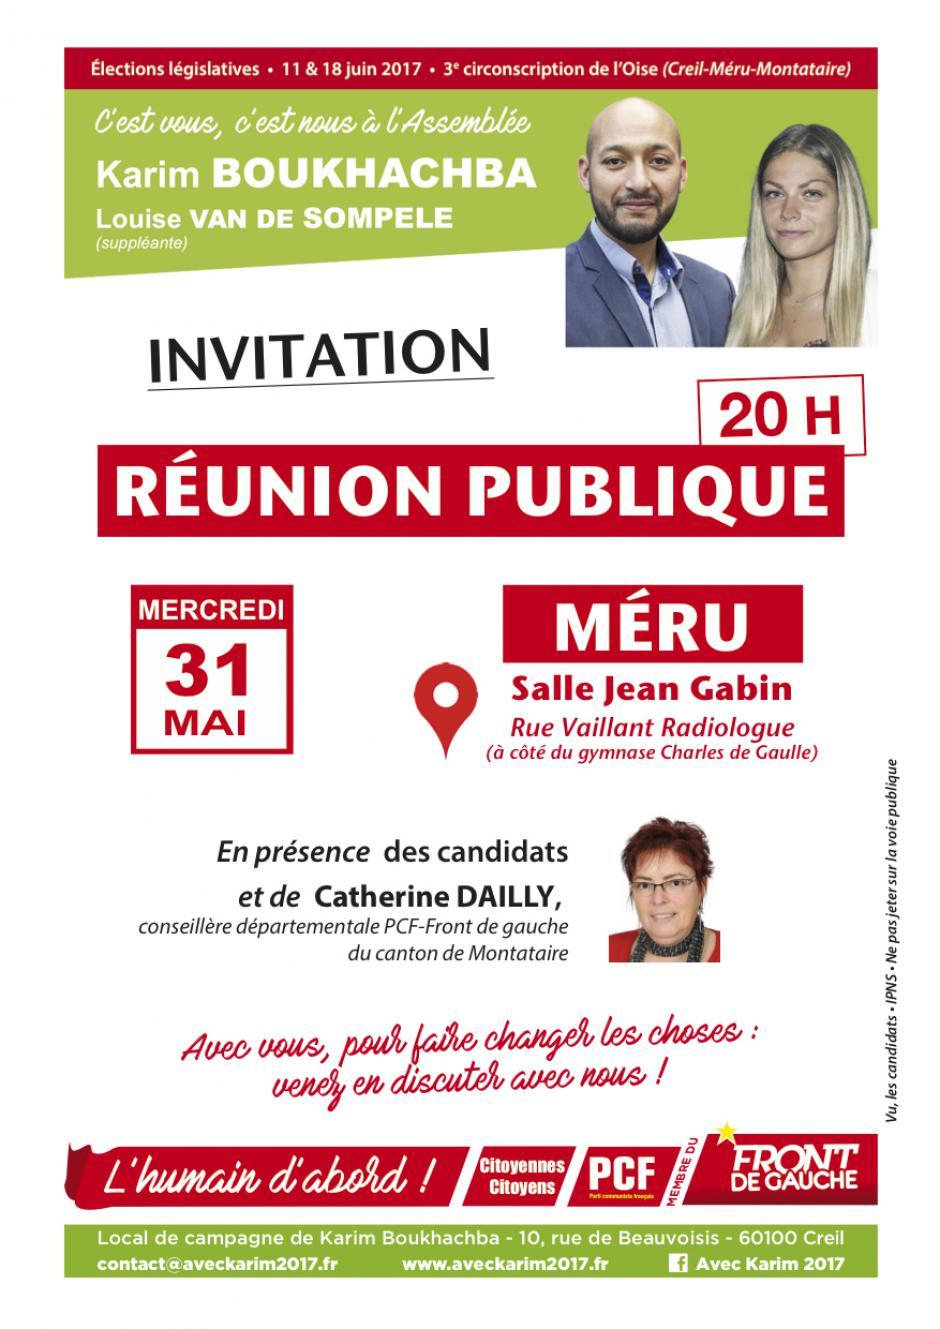 Flyer « Réunion publique à Méru en présence de Karim Boukhachba et Louise Van de Sompele - 3e circonscription de l'Oise, 31 mai 2017